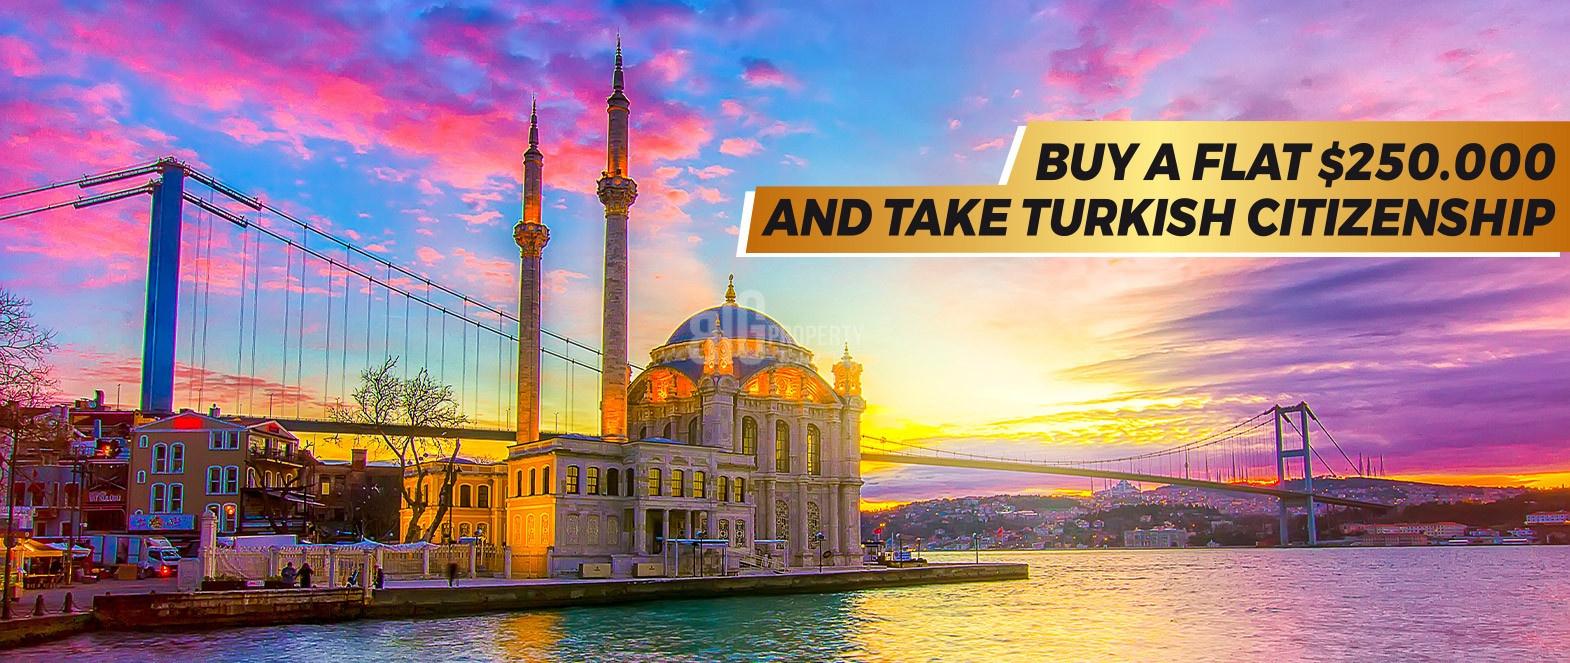 Turkey-Citizenship